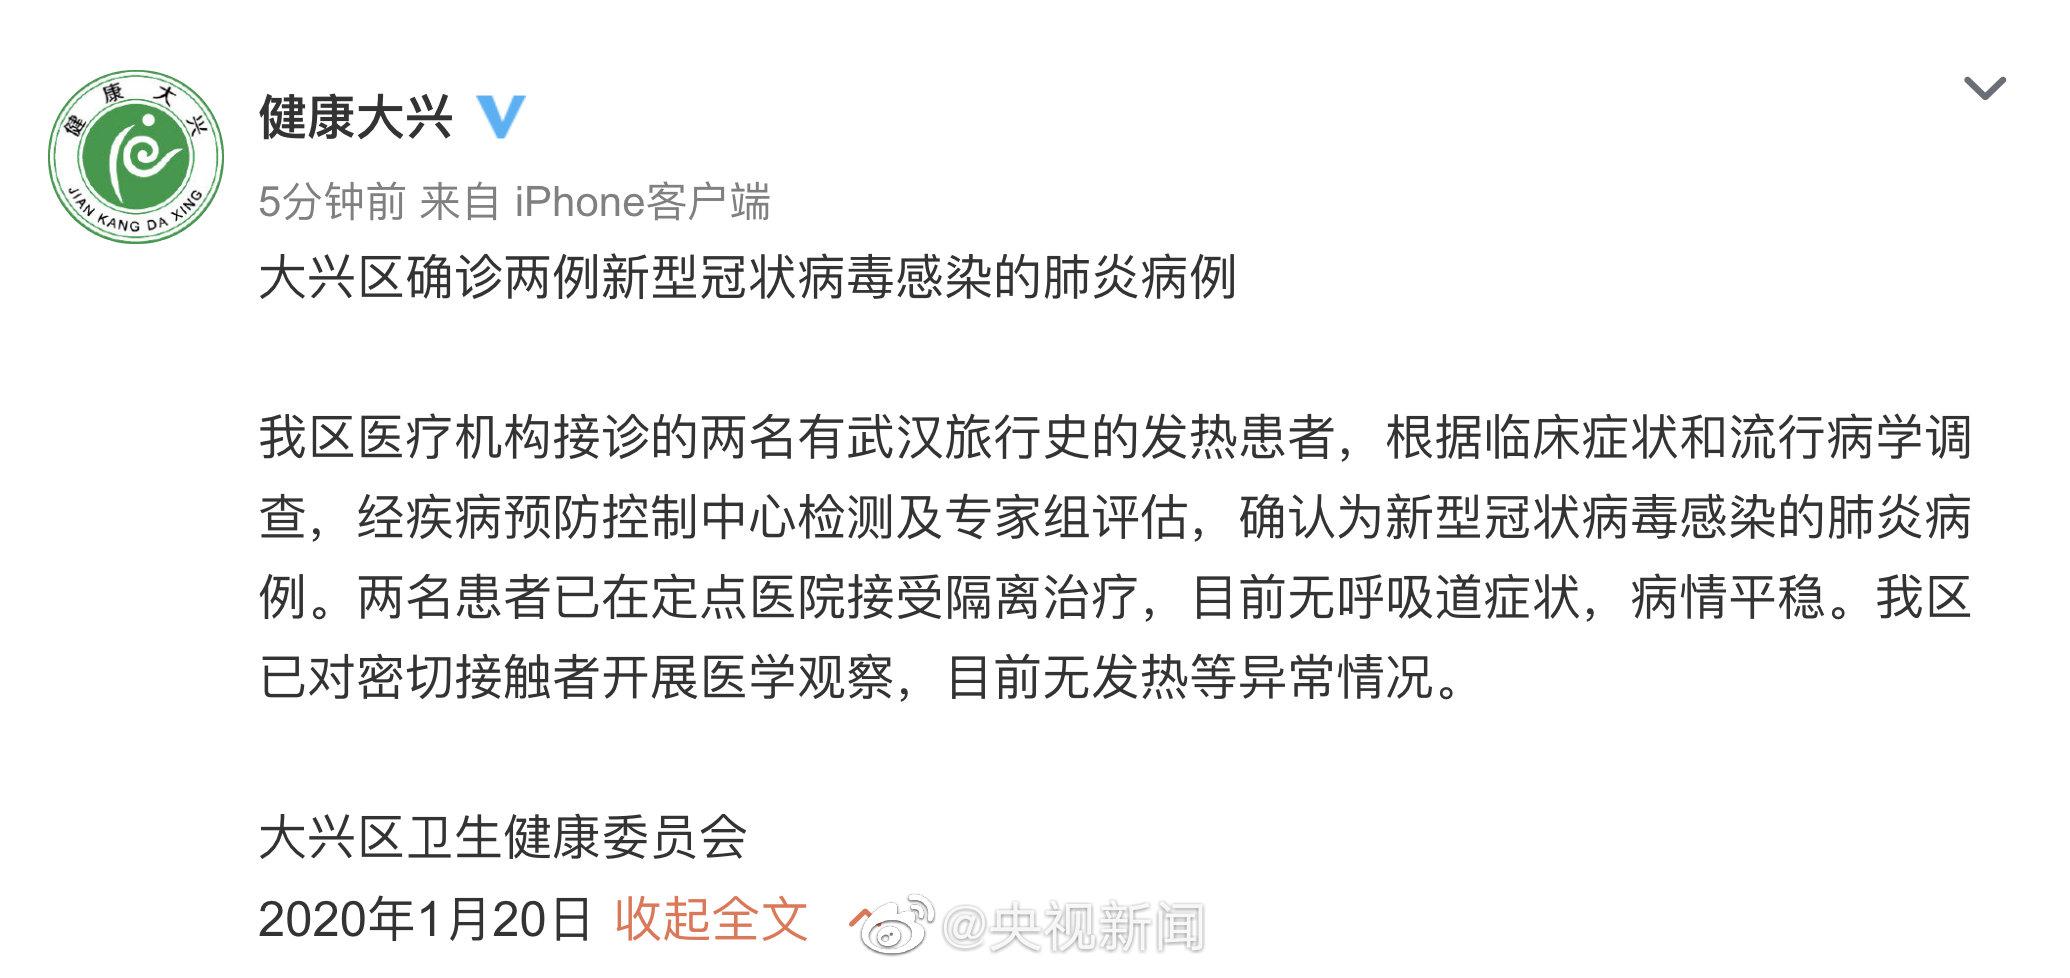 智能系统封装工具北京确诊2例新型冠状病毒感染